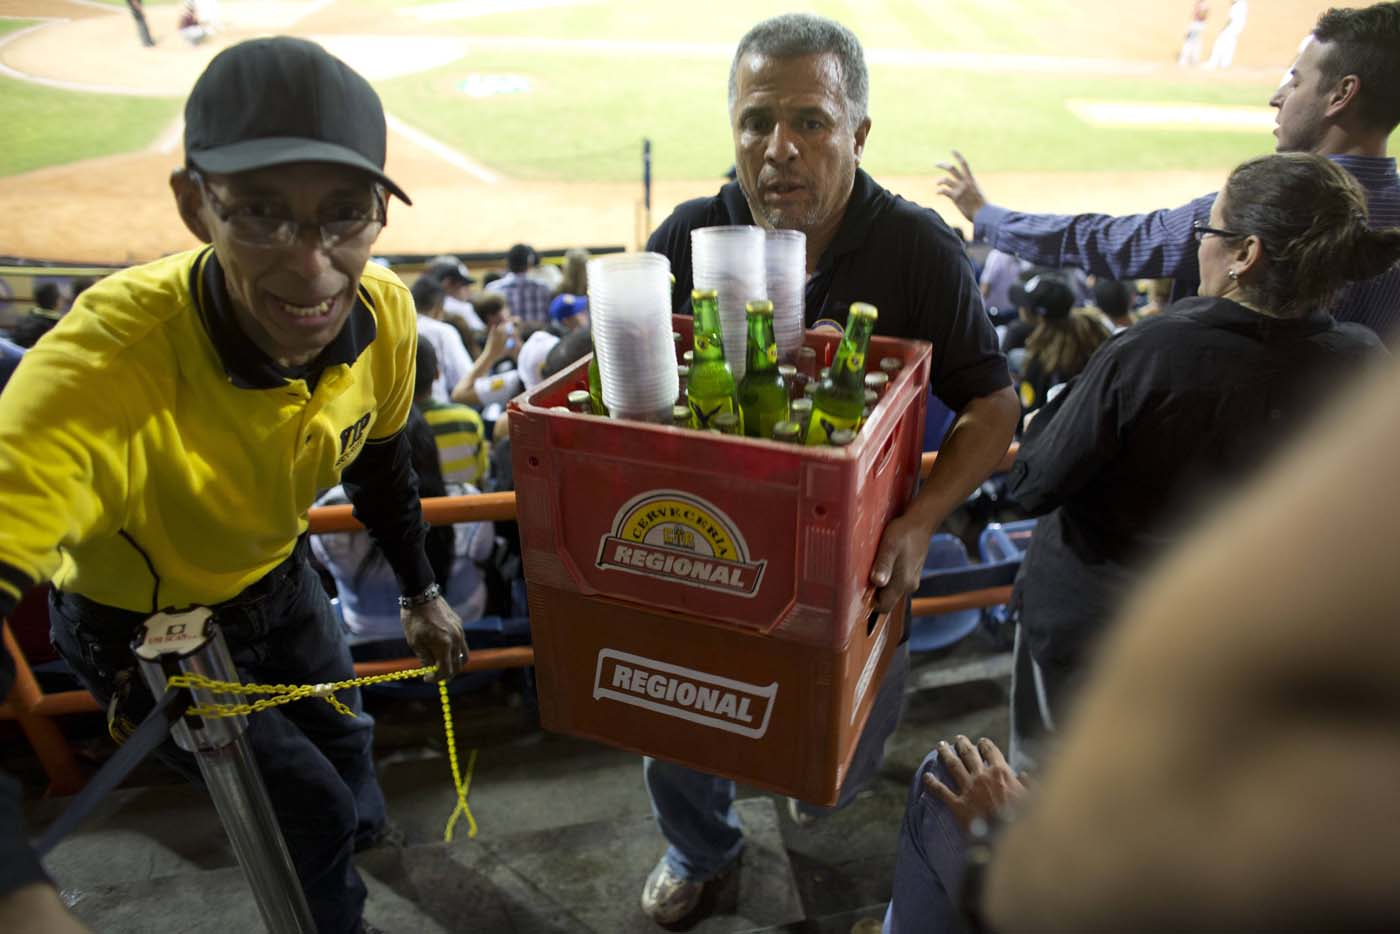 Un vendedor carga envases de cerveza durante un juego de béisbol entre los Leones de Caracas y los Navegantes de Magallanes en Caracas, Venezuela. Los aficionados no están contentos con la noticia de que el precio de la botella se incrementó de 30 a 120 bolívares en el último año, y las marcas más populares ya no están a la venta. (Foto AP/Ariana Cubillos)